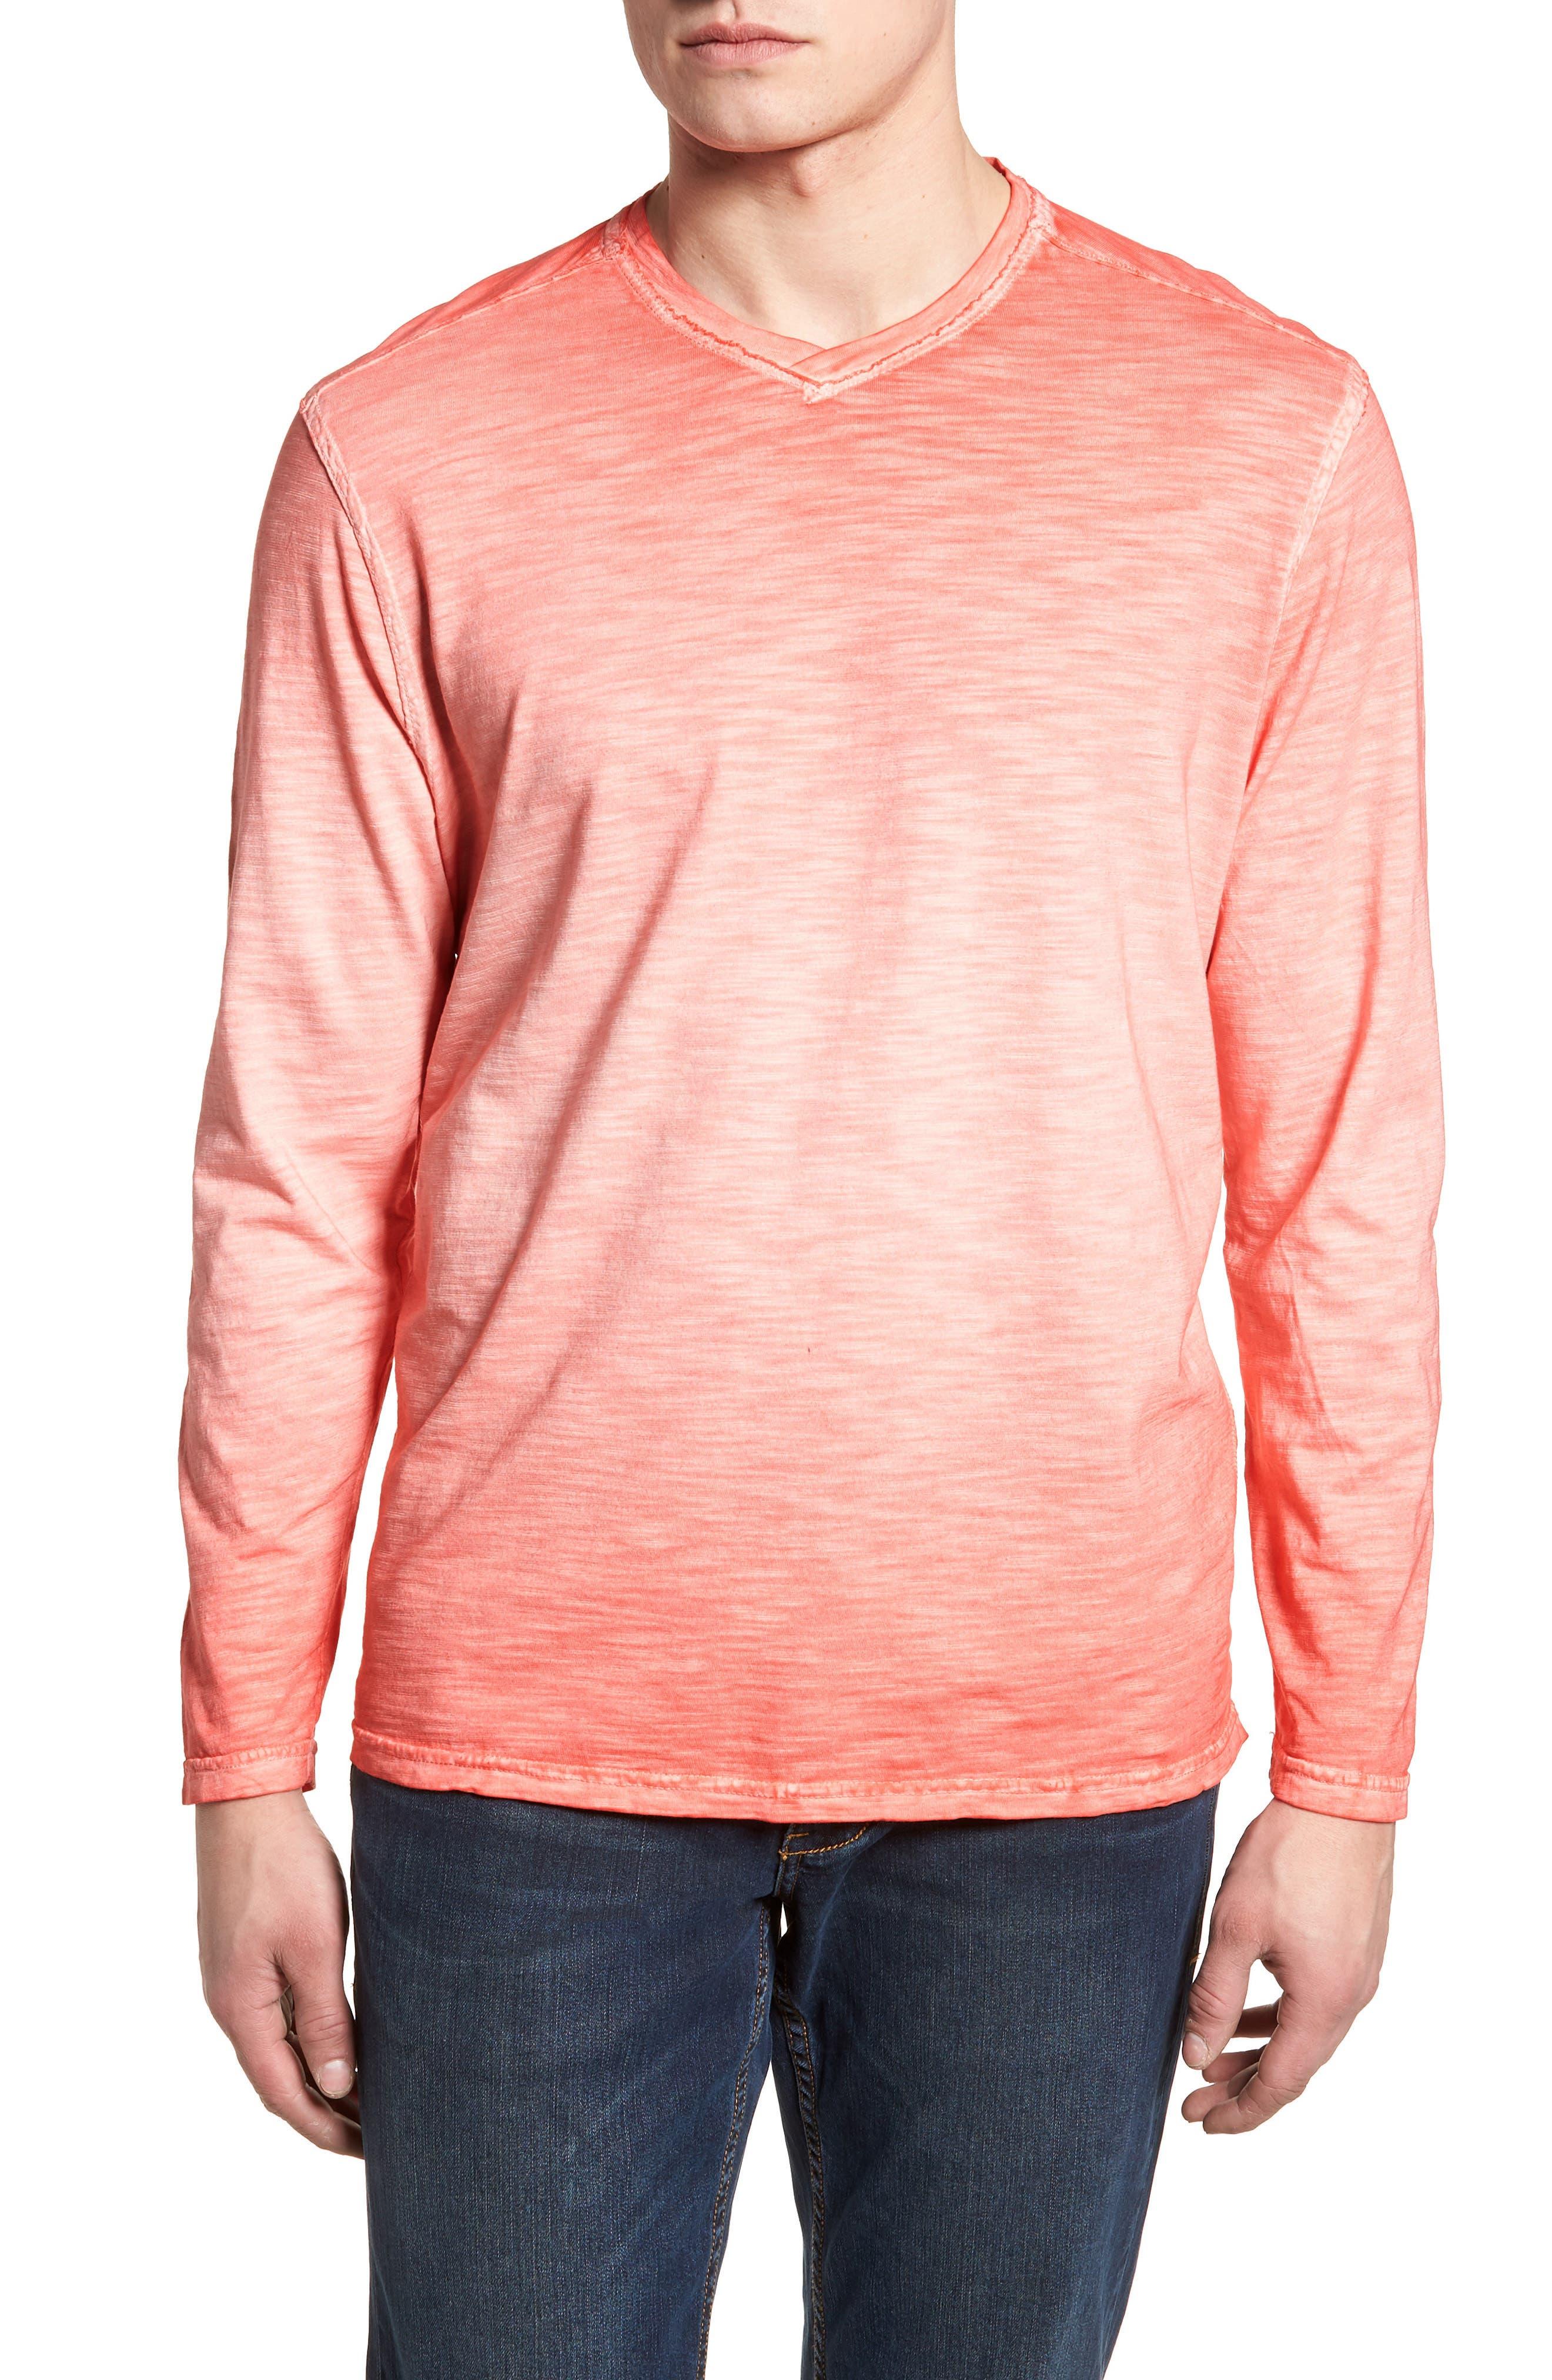 Suncoast Shores V-Neck Long Sleeve T-Shirt,                             Main thumbnail 1, color,                             Bright Coral